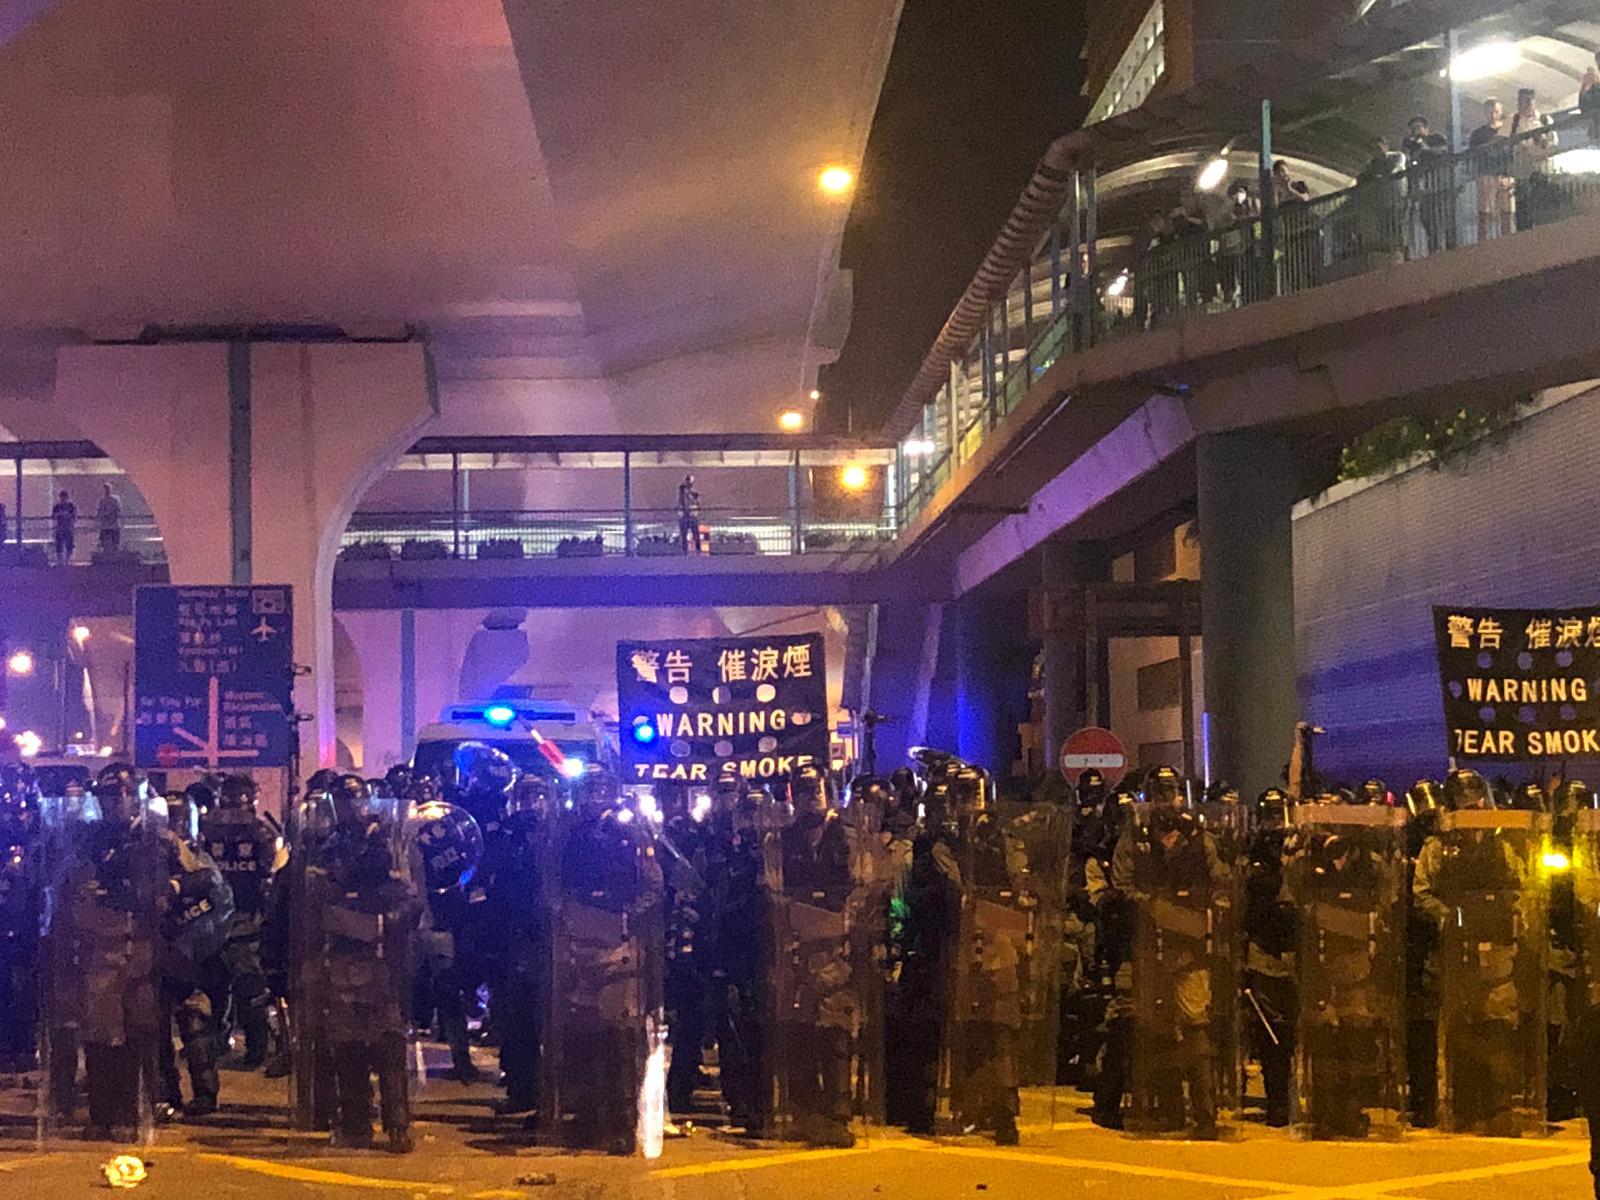 【721遊行】上環示威者衝擊警方防綫投擲硬物 警方發射催淚彈驅散